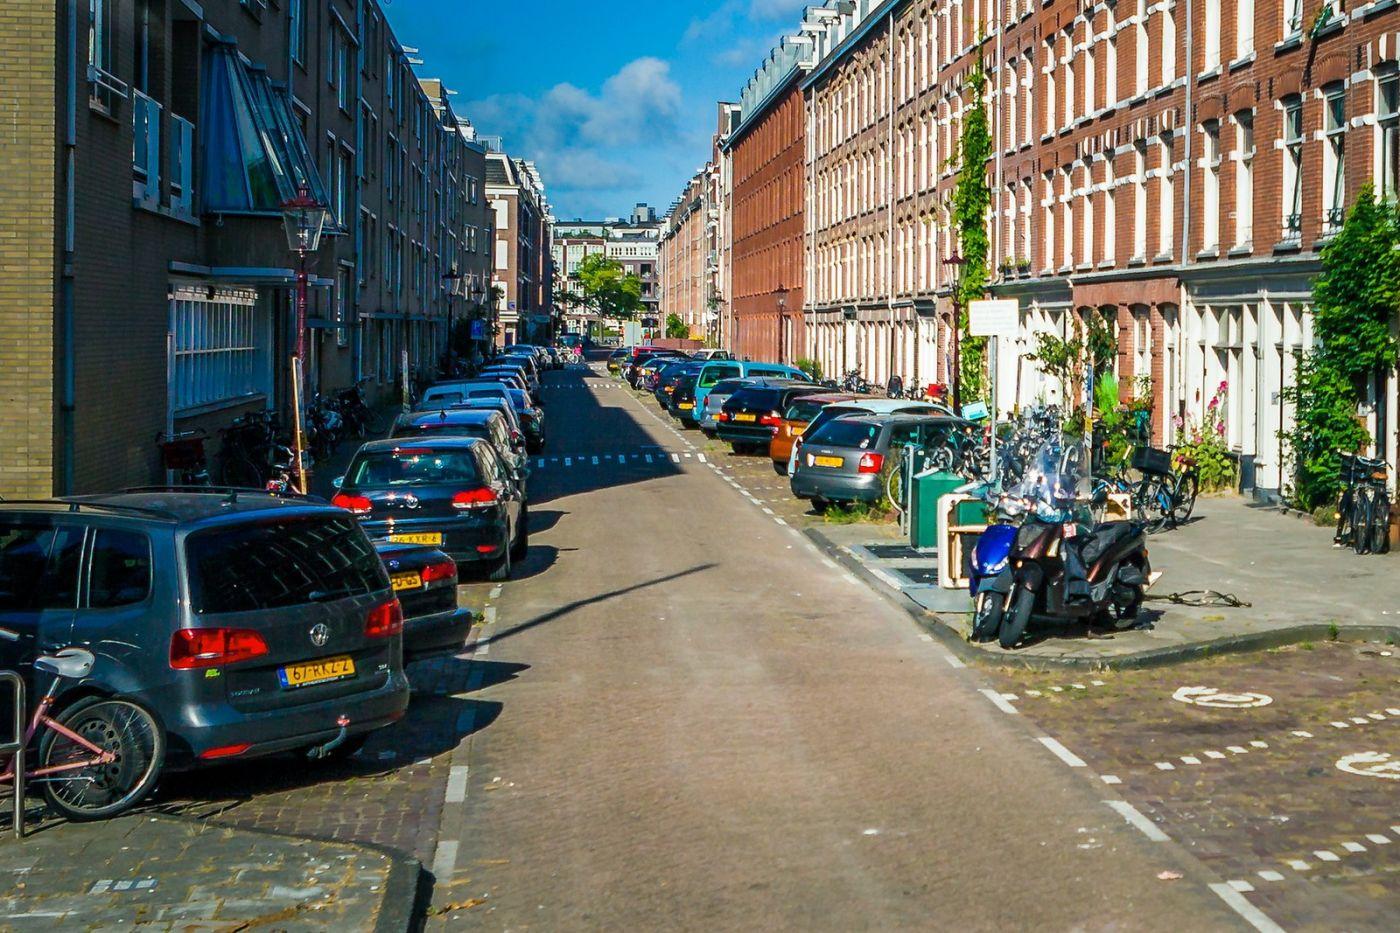 荷兰阿姆斯特丹,穿梭的自行车_图1-10